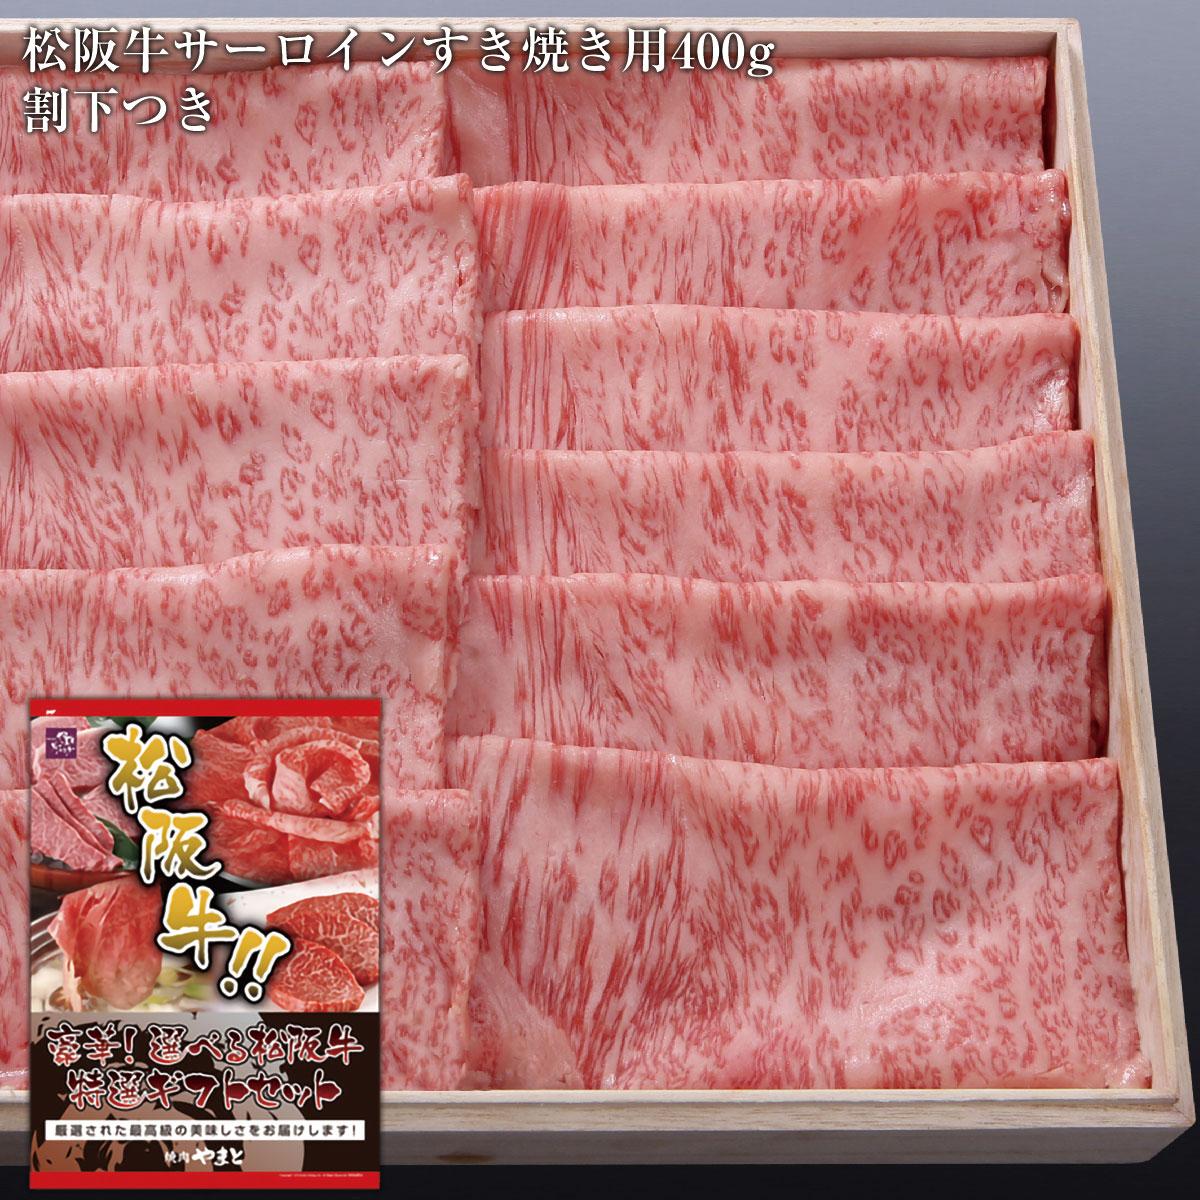 松阪牛目録ギフトCコース